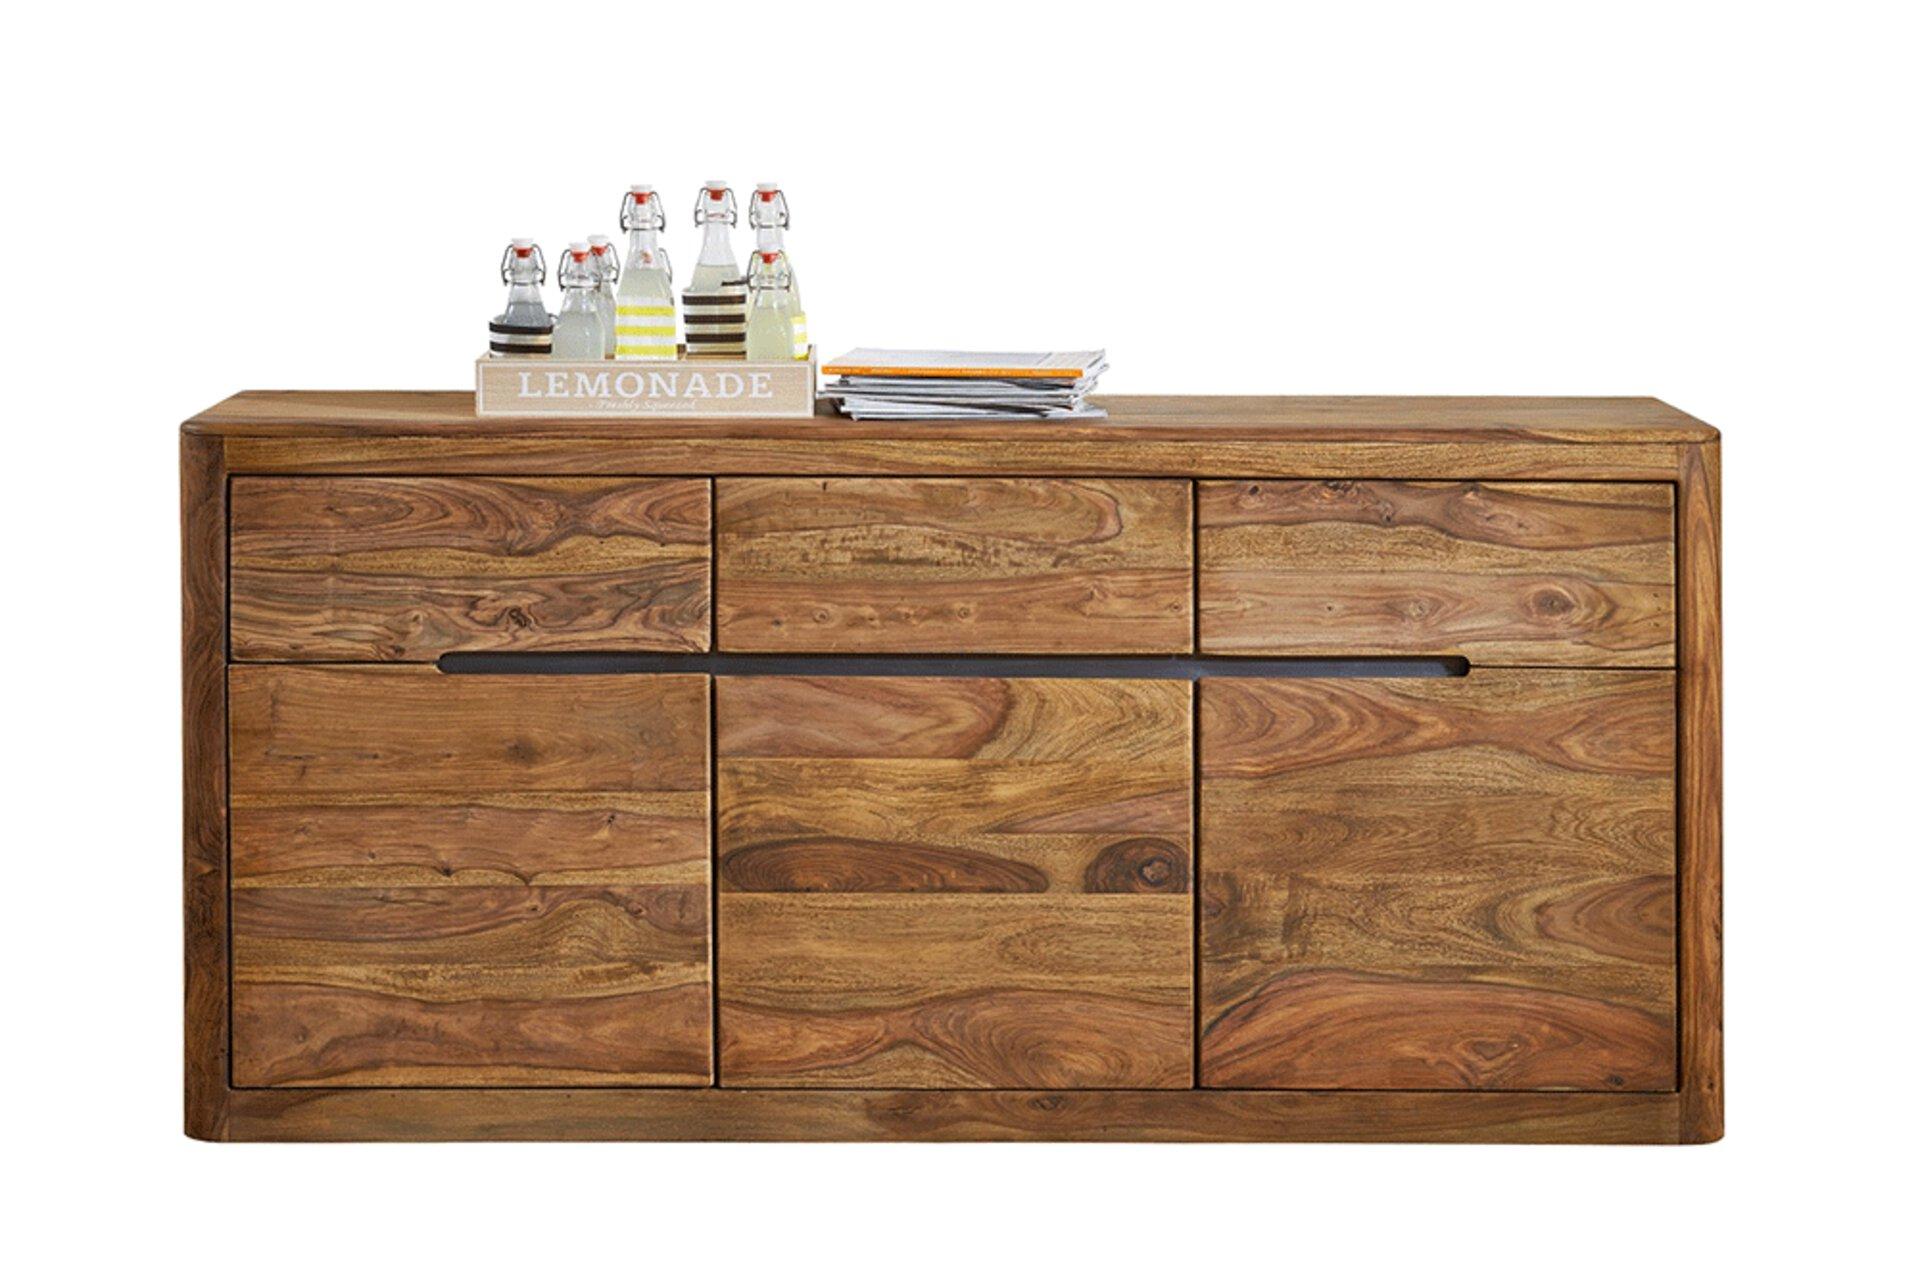 Sideboard WZ-0104 Dinett Holz braun 40 x 85 x 177 cm